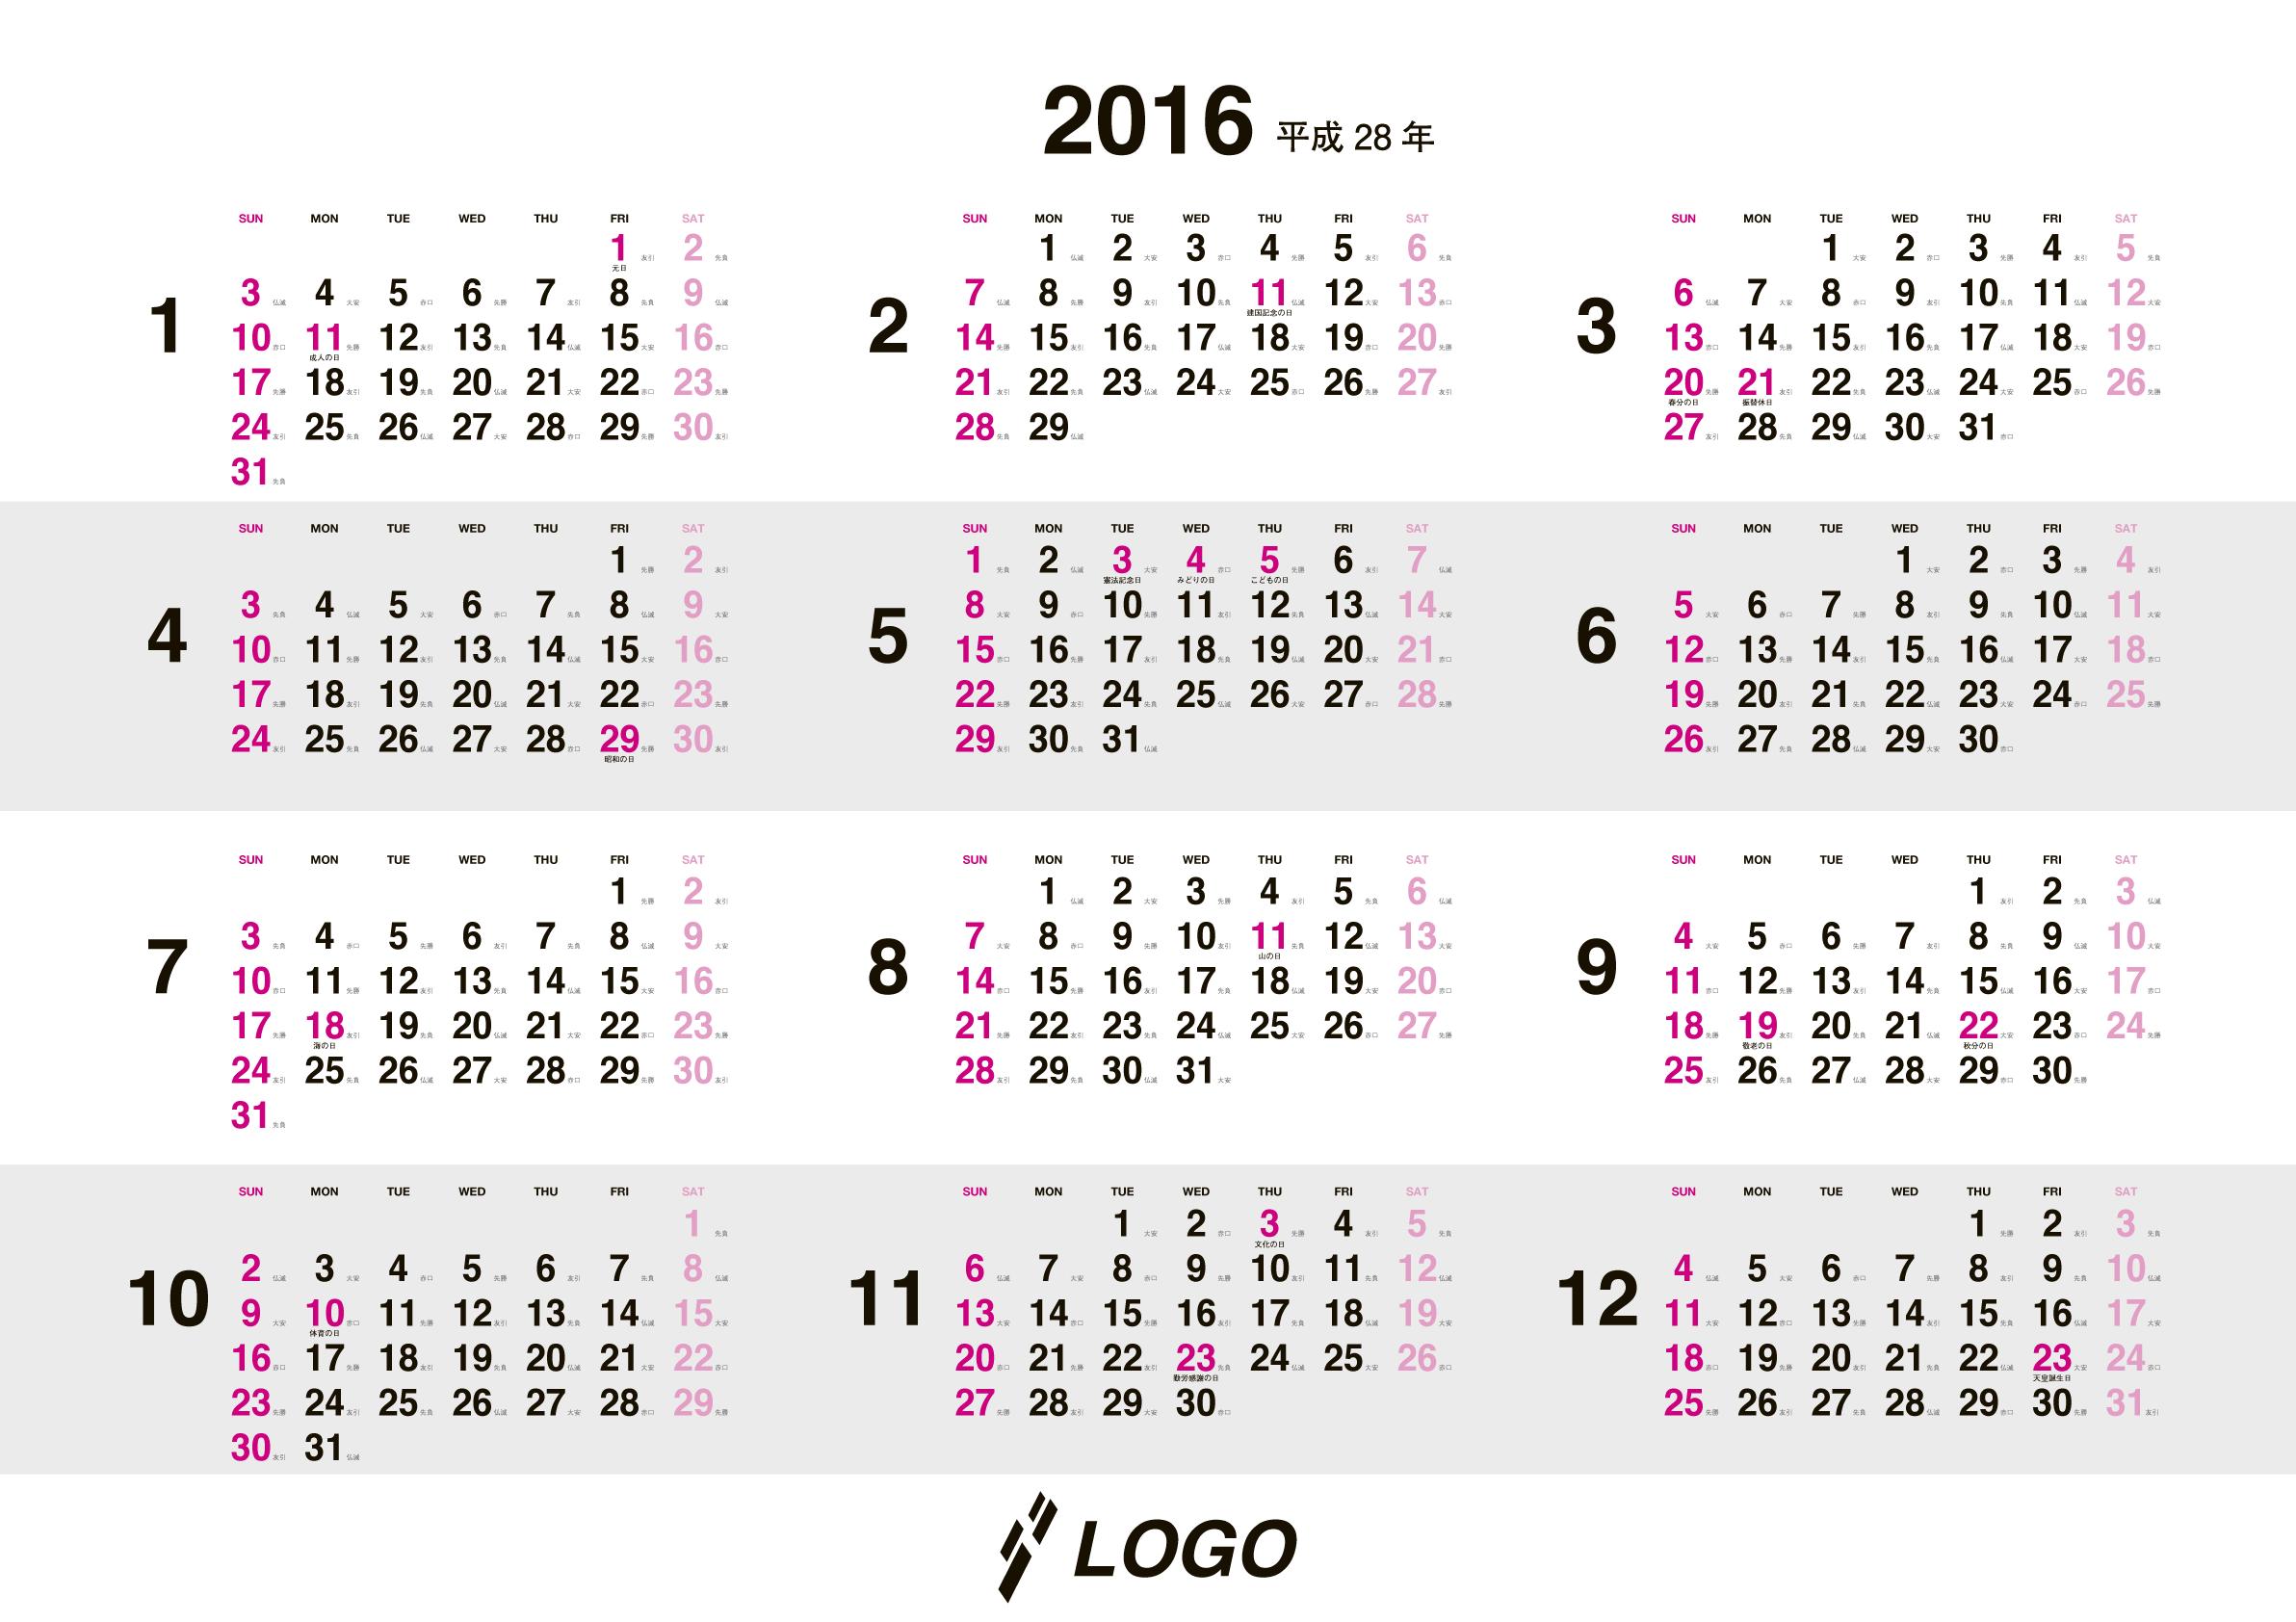 すべての講義 kレンダー : ハッピーカレンダー 2016 - When is ...